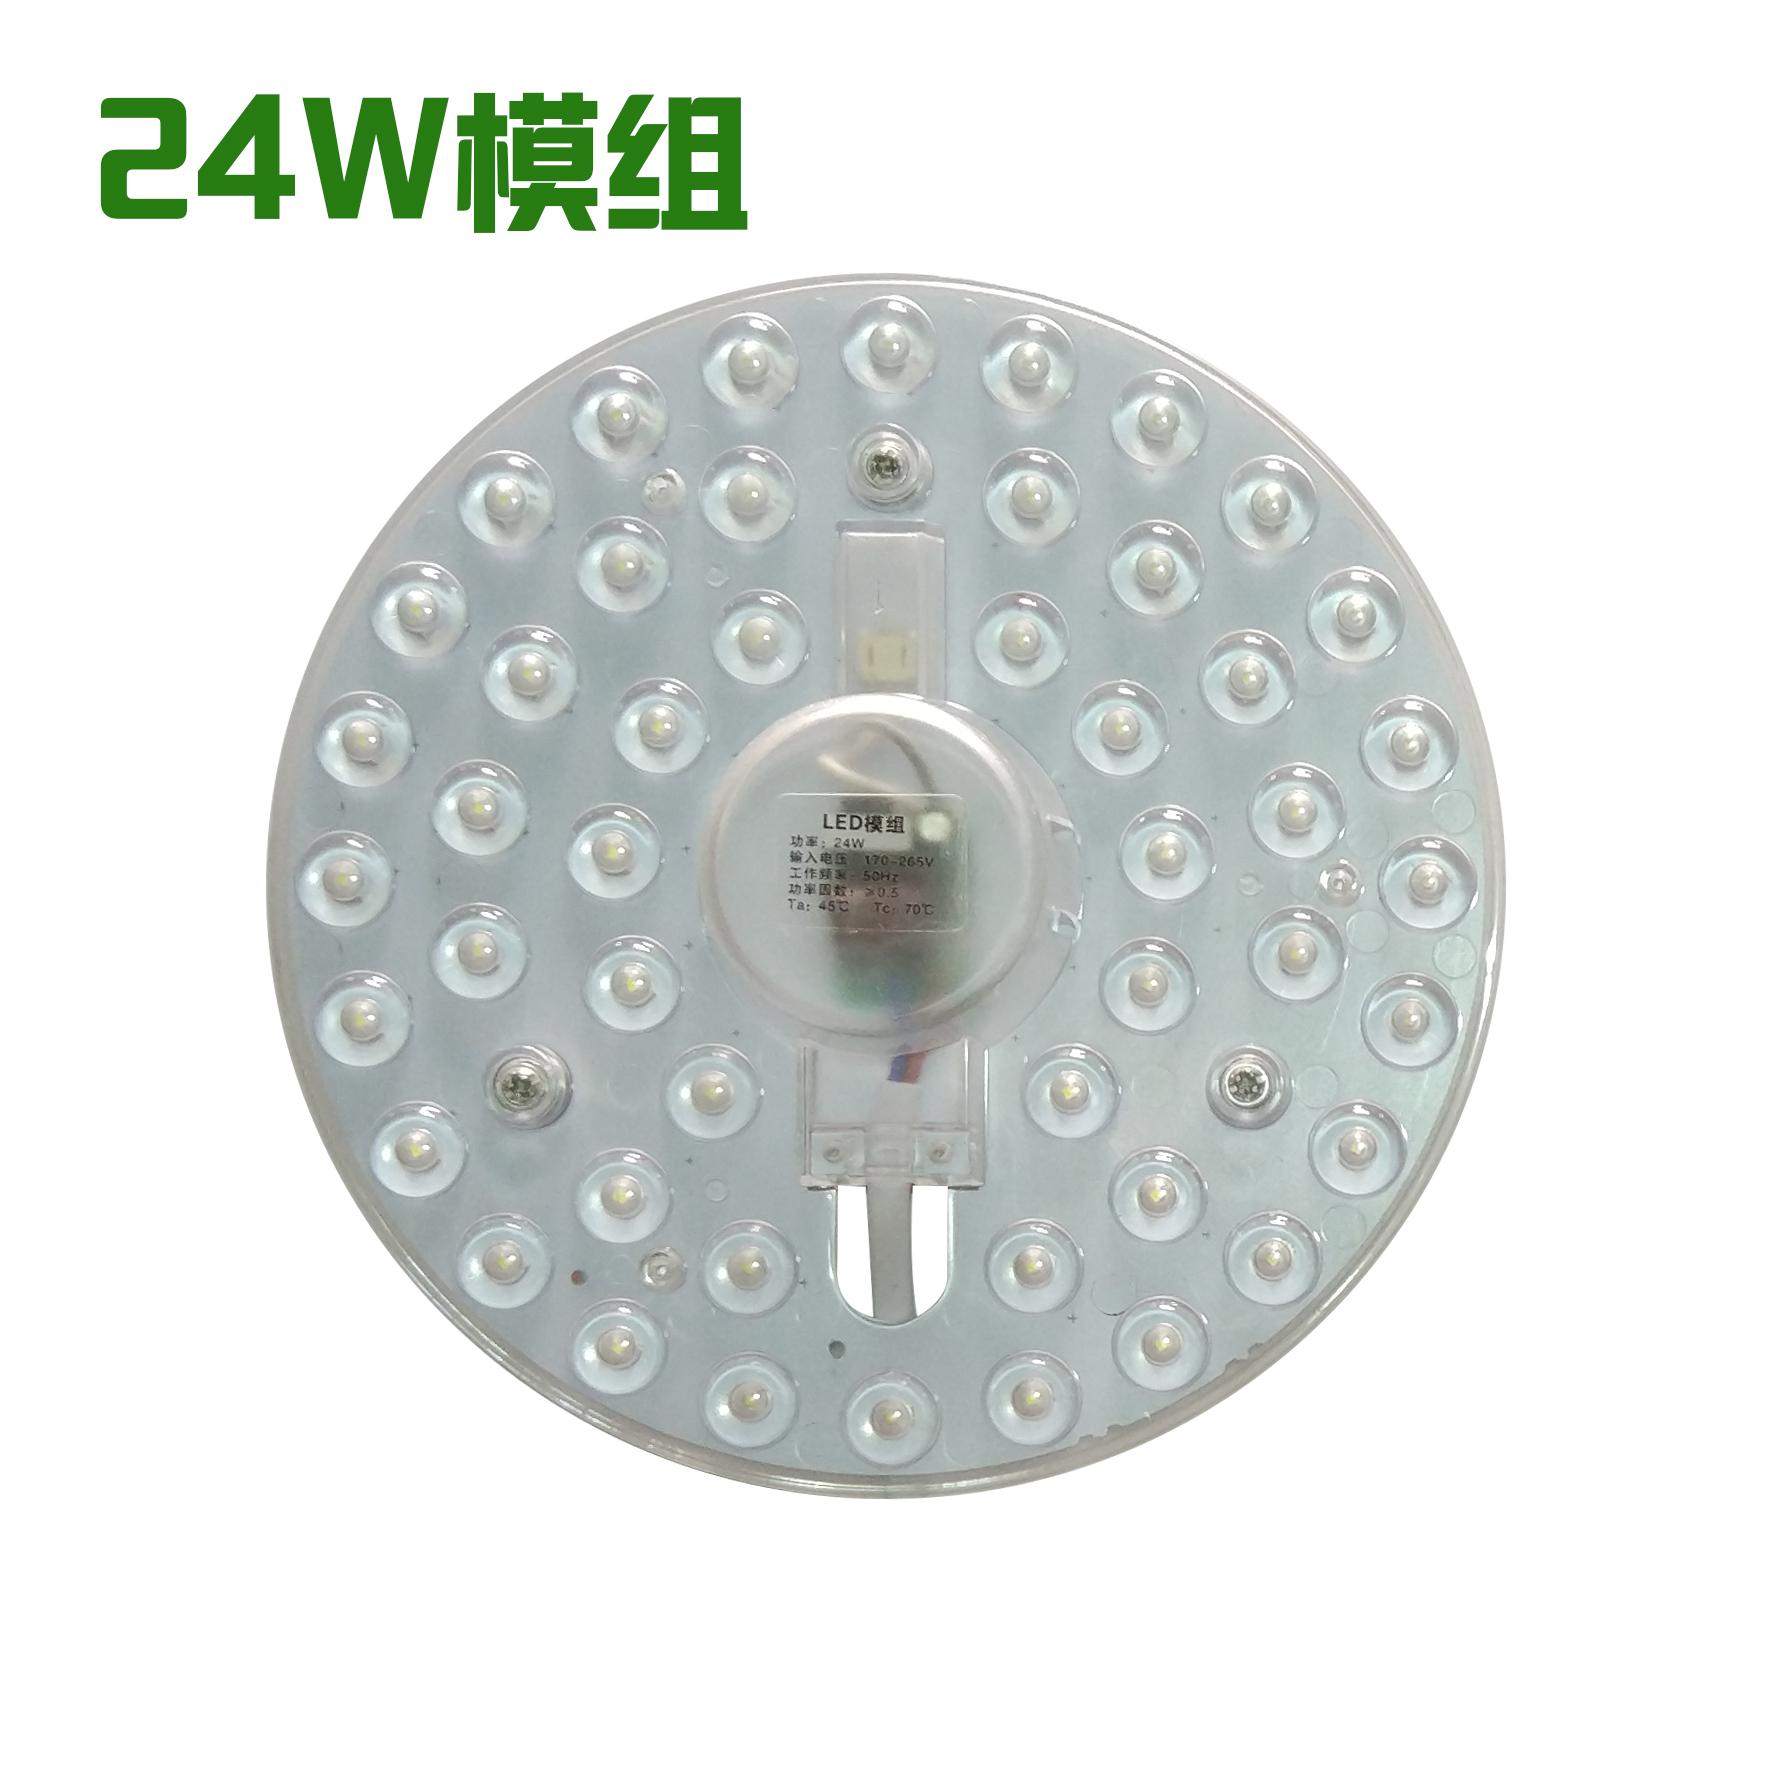 灯改装吸顶灯芯灯泡灯珠贴片灯光源带磁铁 吸顶灯改造灯板圆形 led